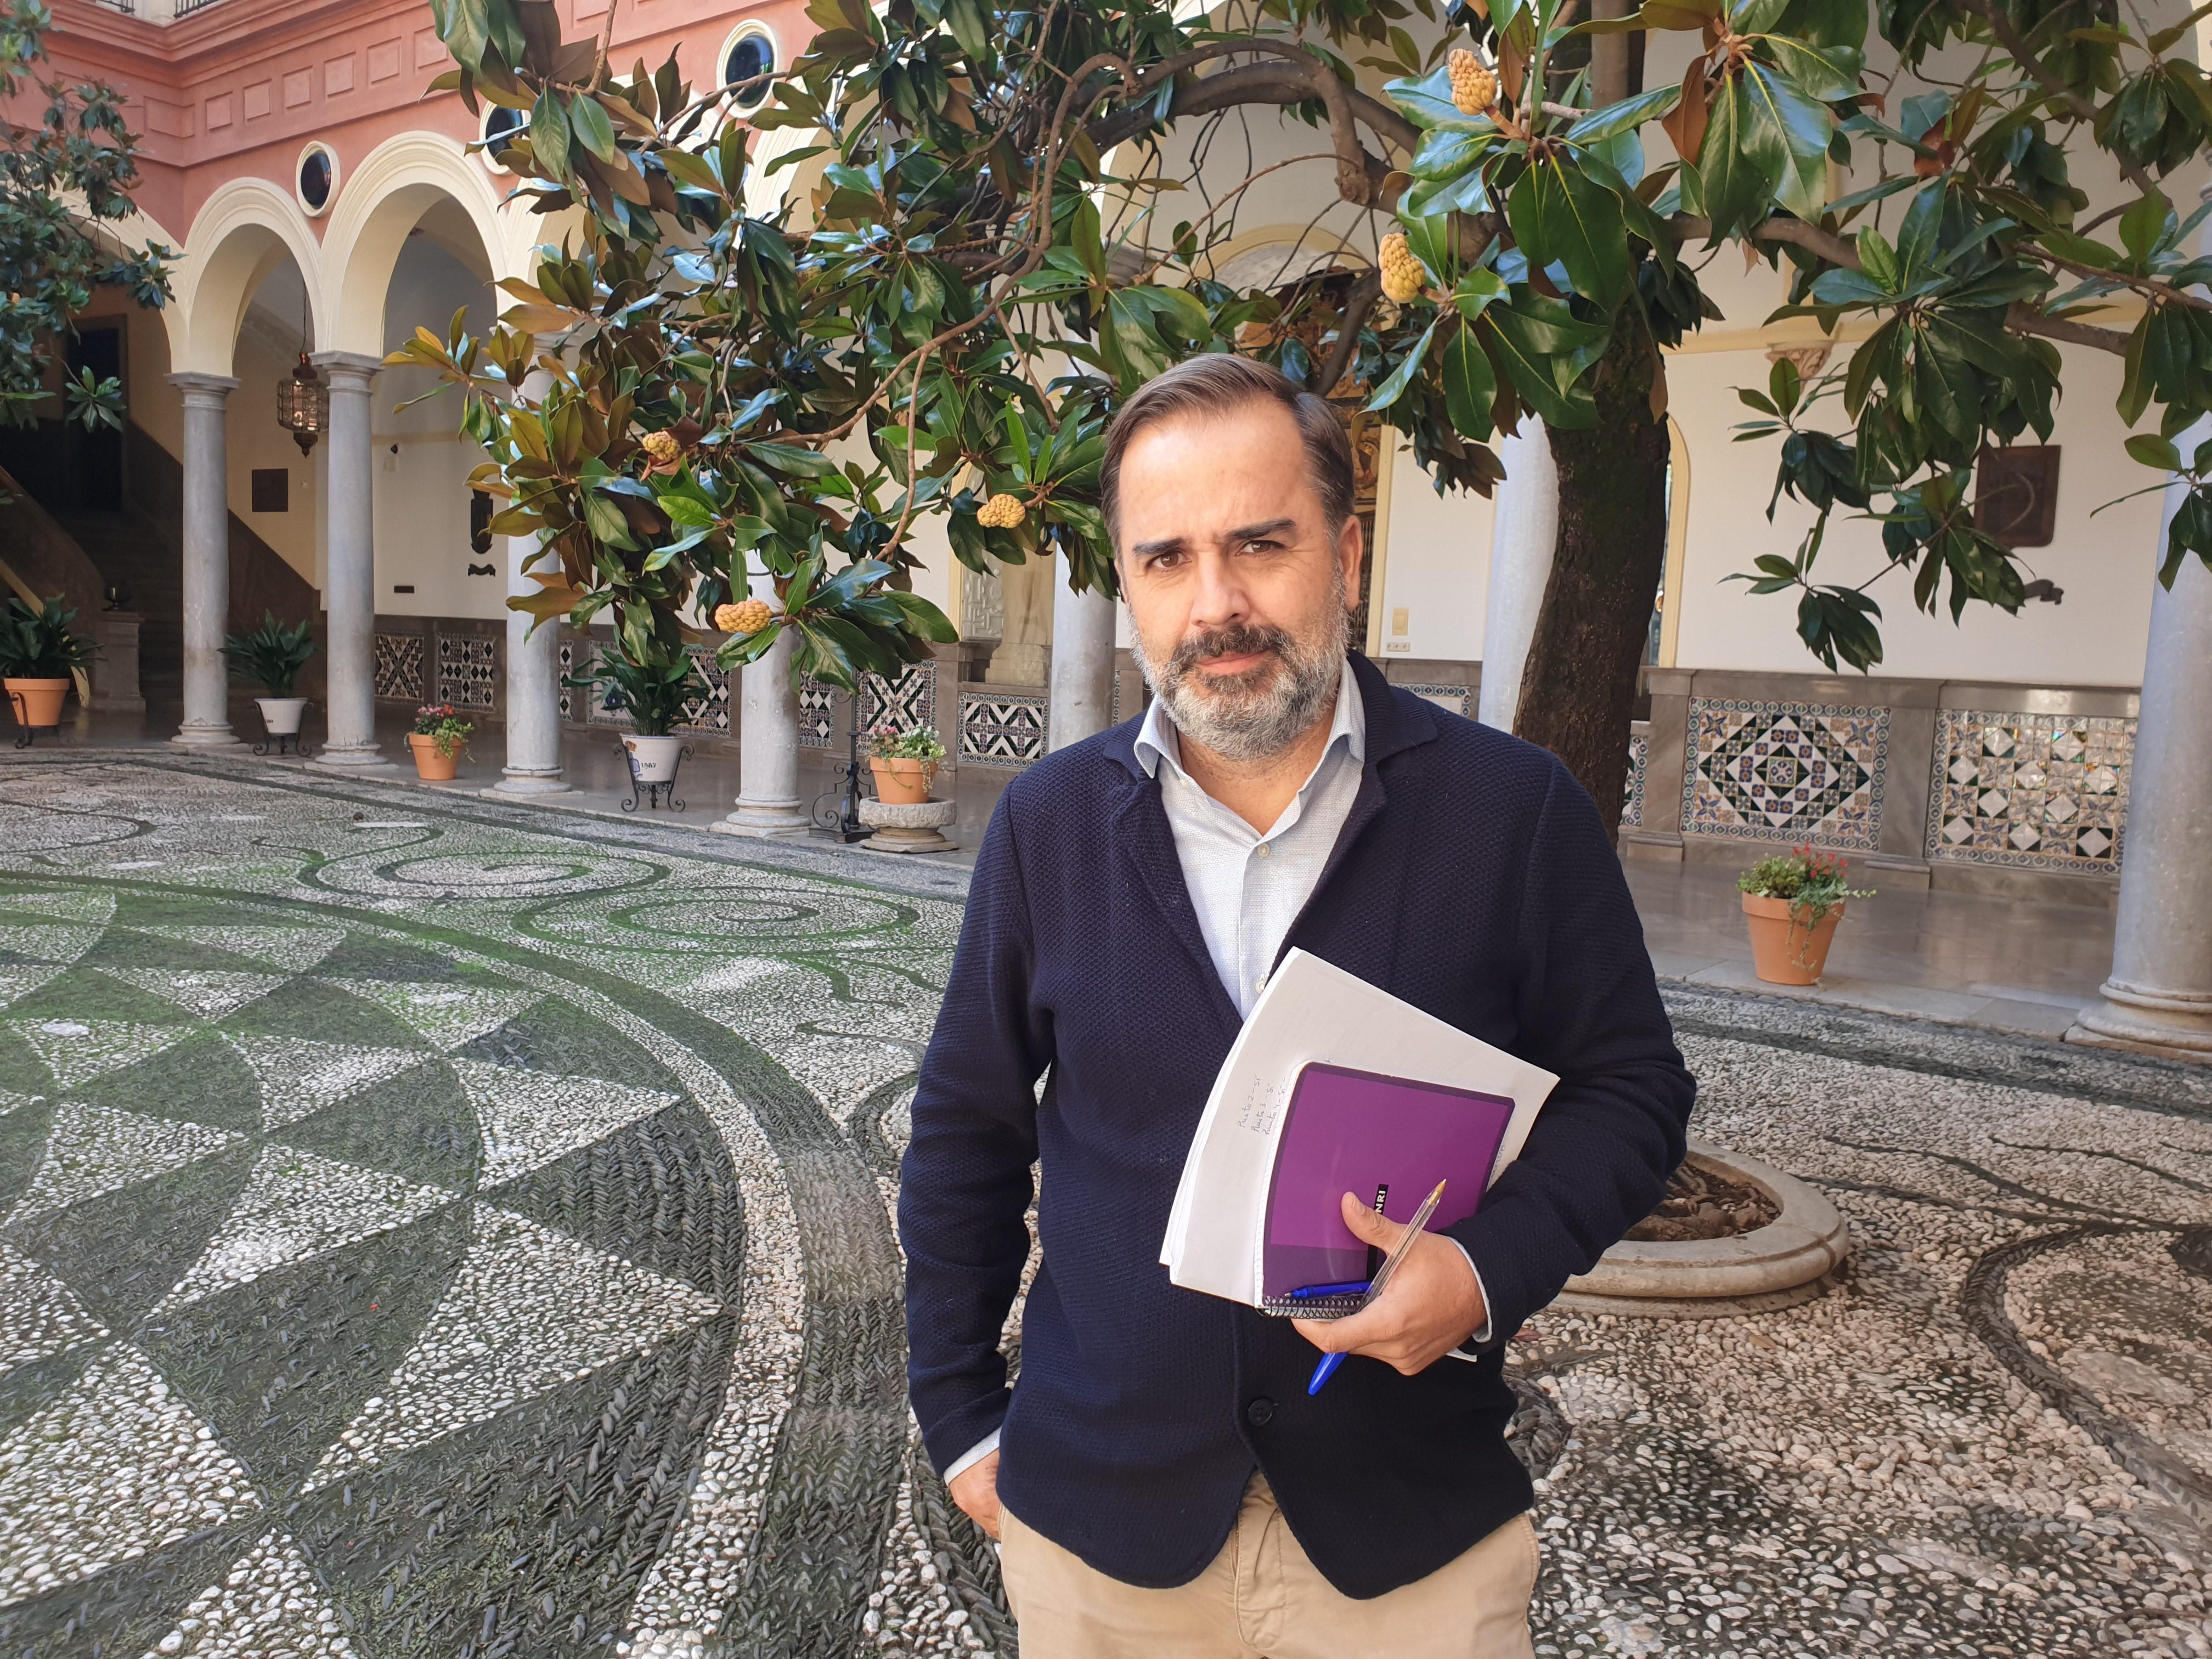 El PSOE denuncia el retraso en la designación de consejeros escolares por parte del Ayuntamiento